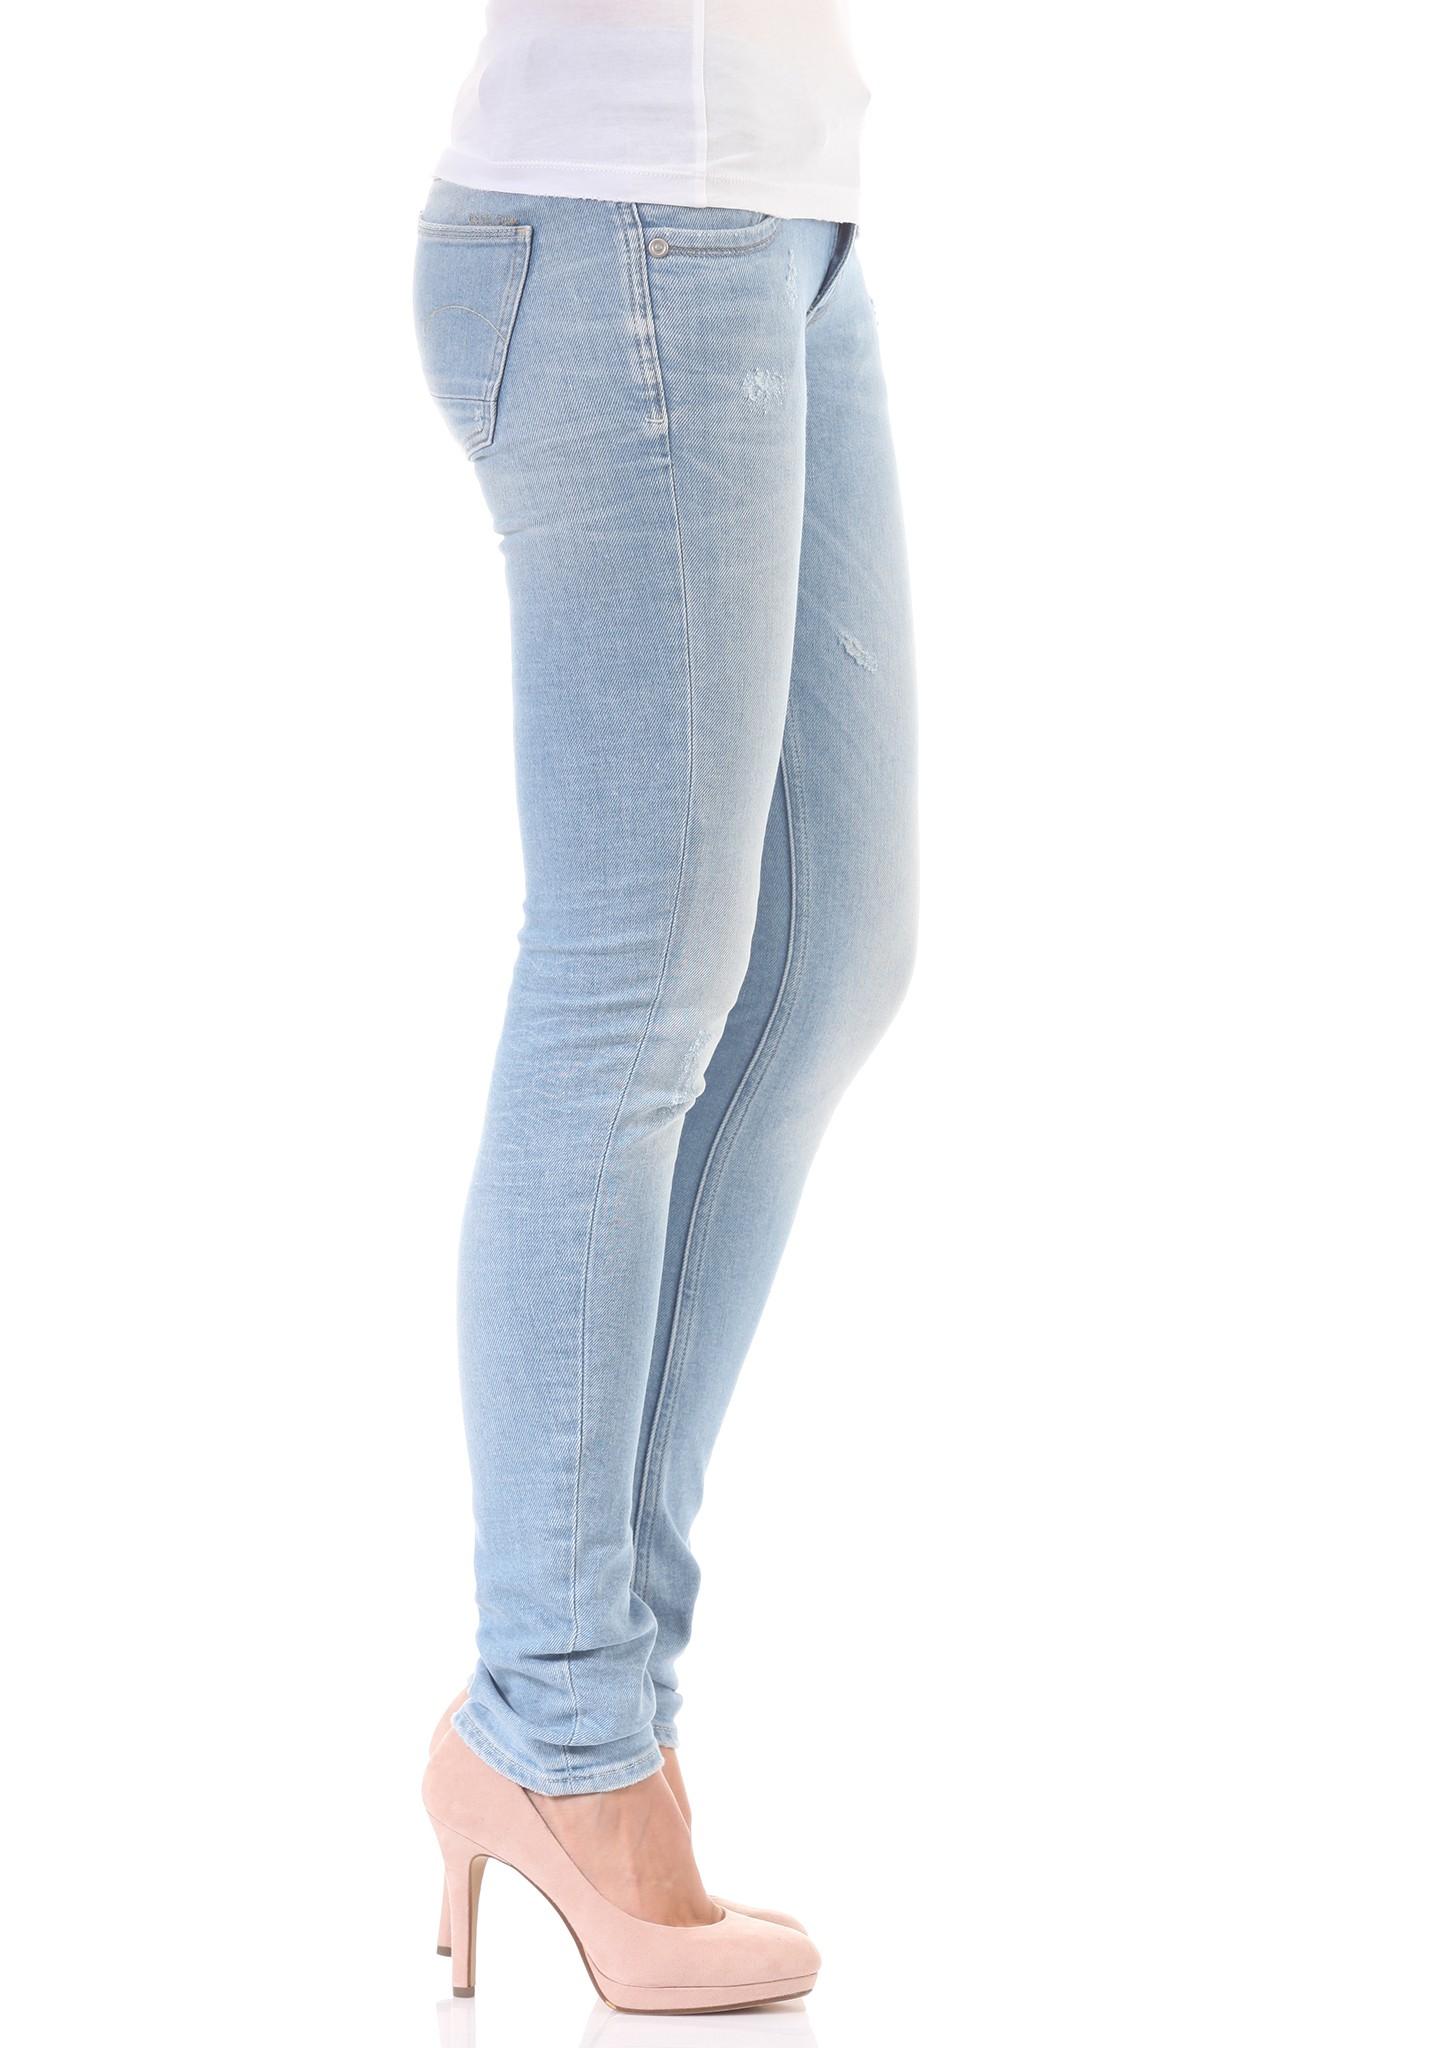 g star hose damen g star raw elva tapered wmn damen jeans hose r hre w l 26 new g star 3301. Black Bedroom Furniture Sets. Home Design Ideas